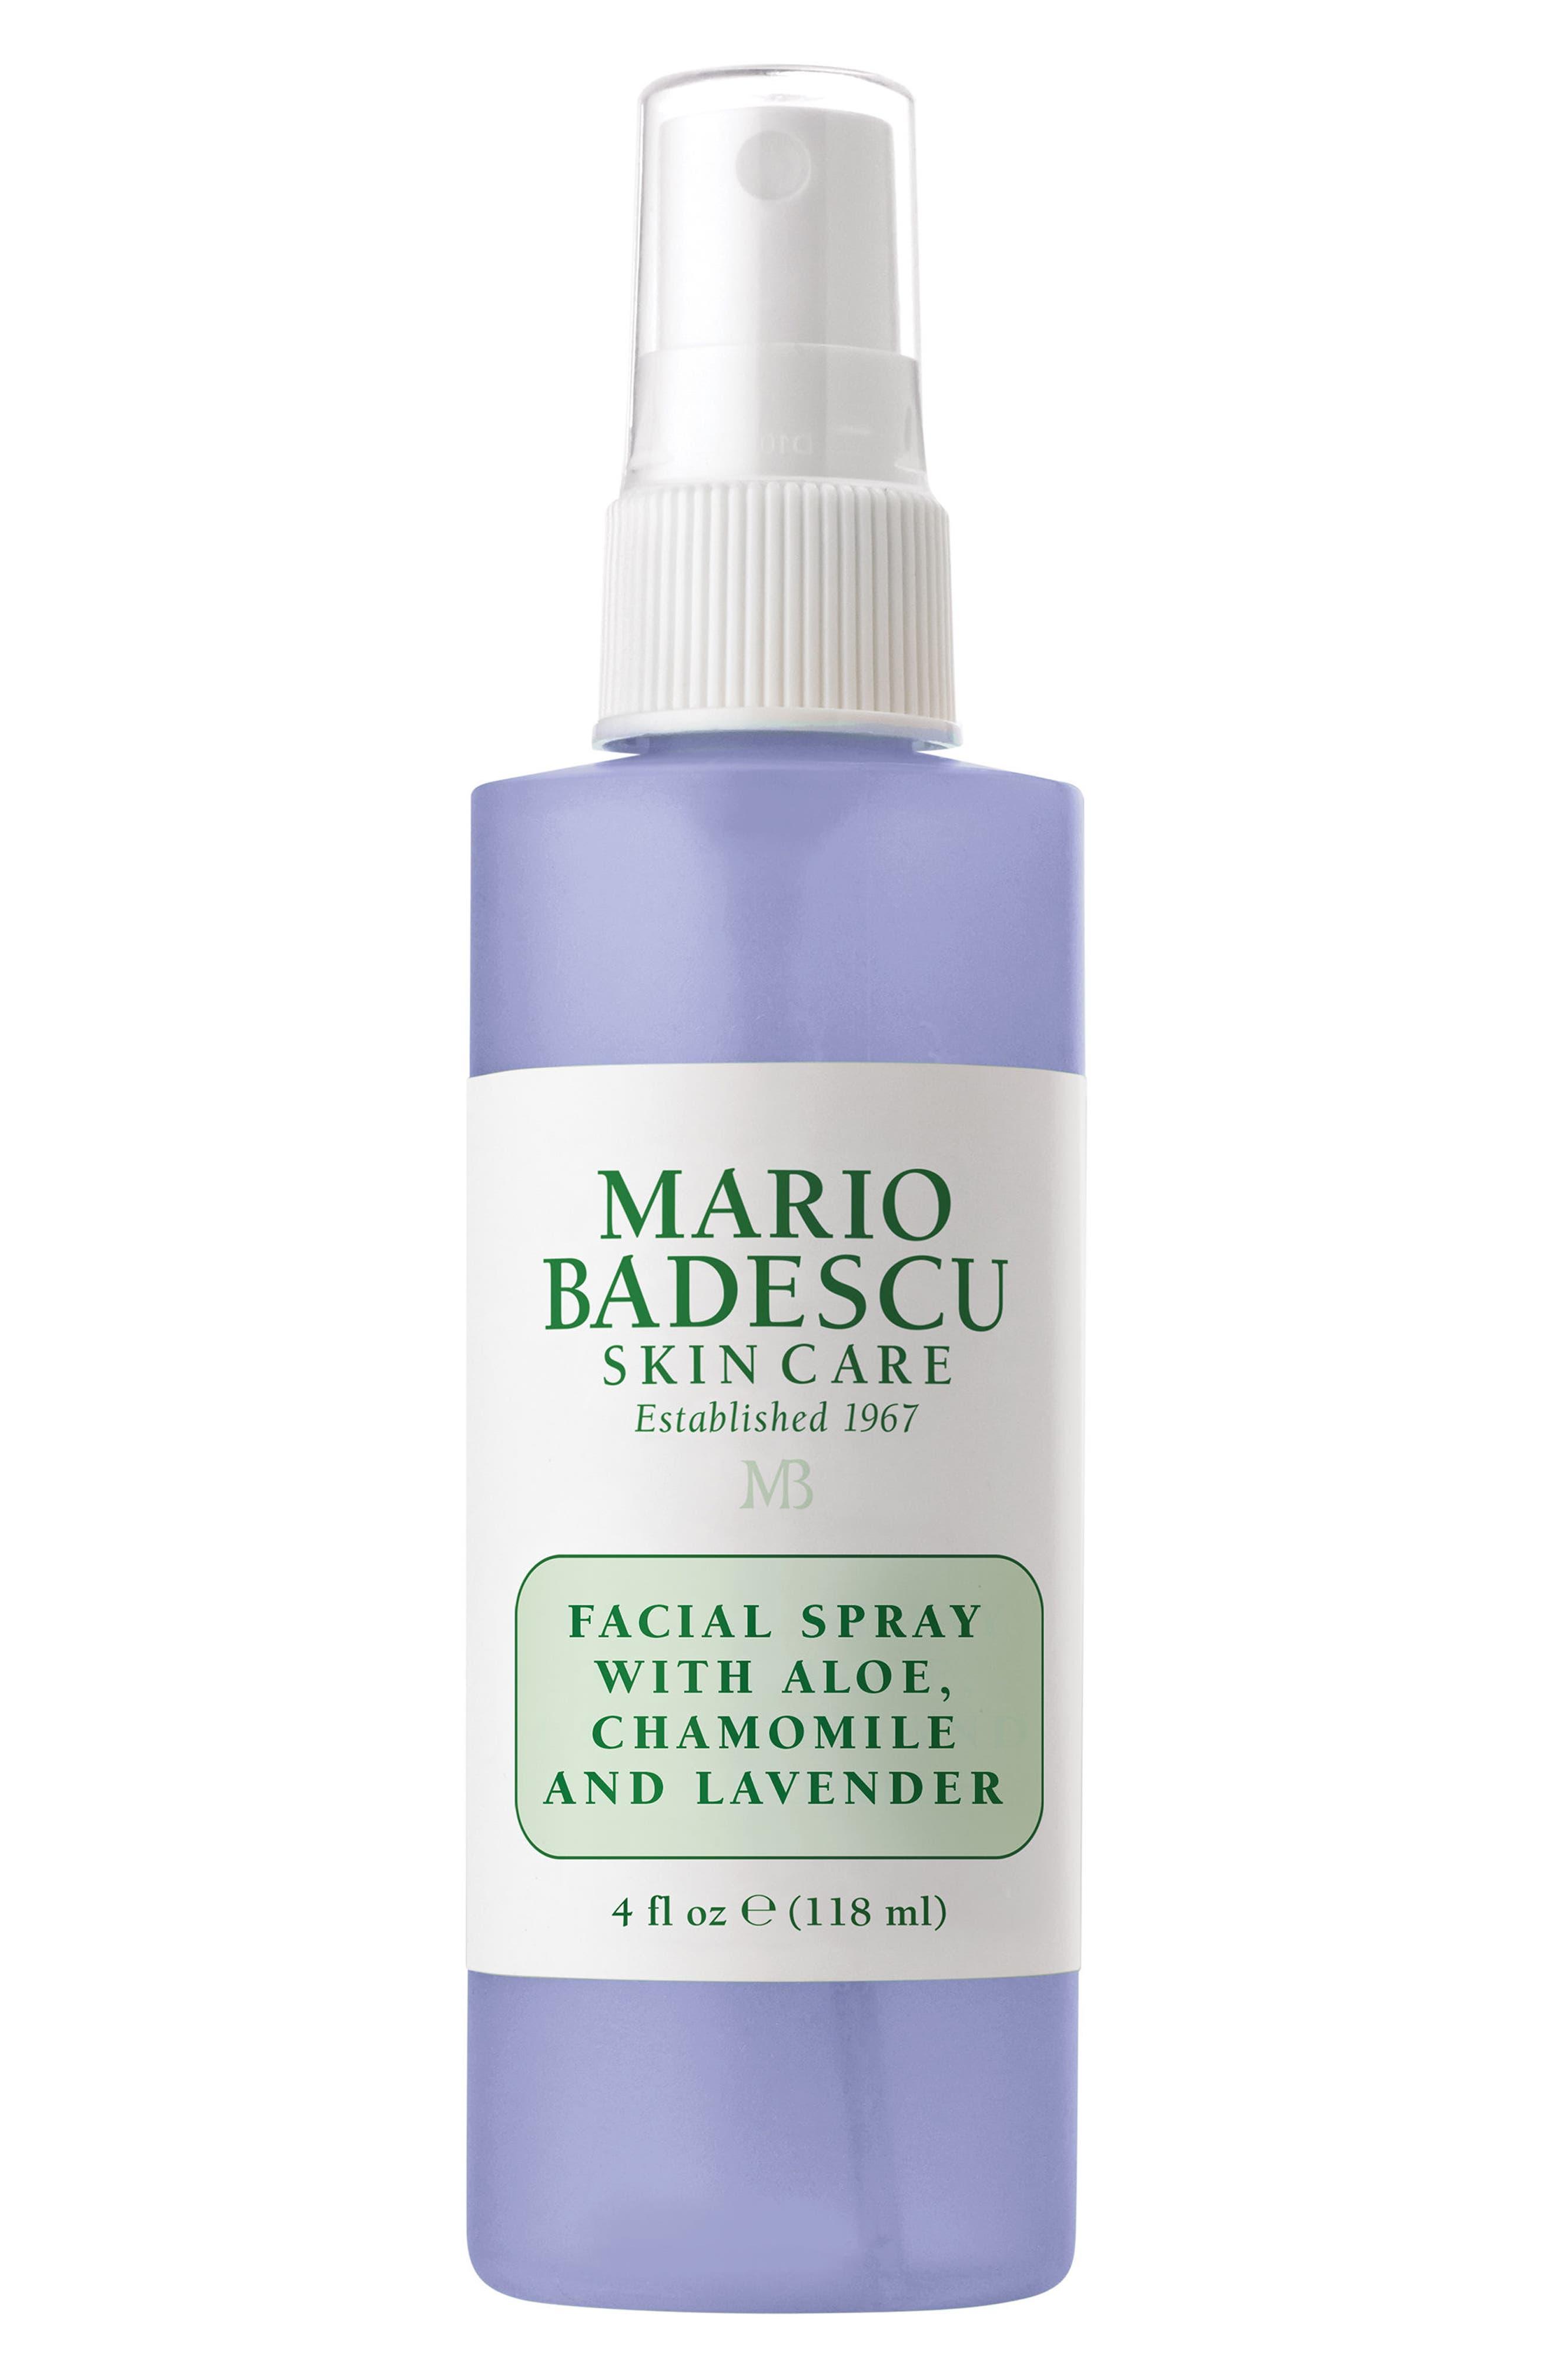 MARIO BADESCU Facial Spray with Aloe, Chamomile & Lavender, Main, color, NO COLOR